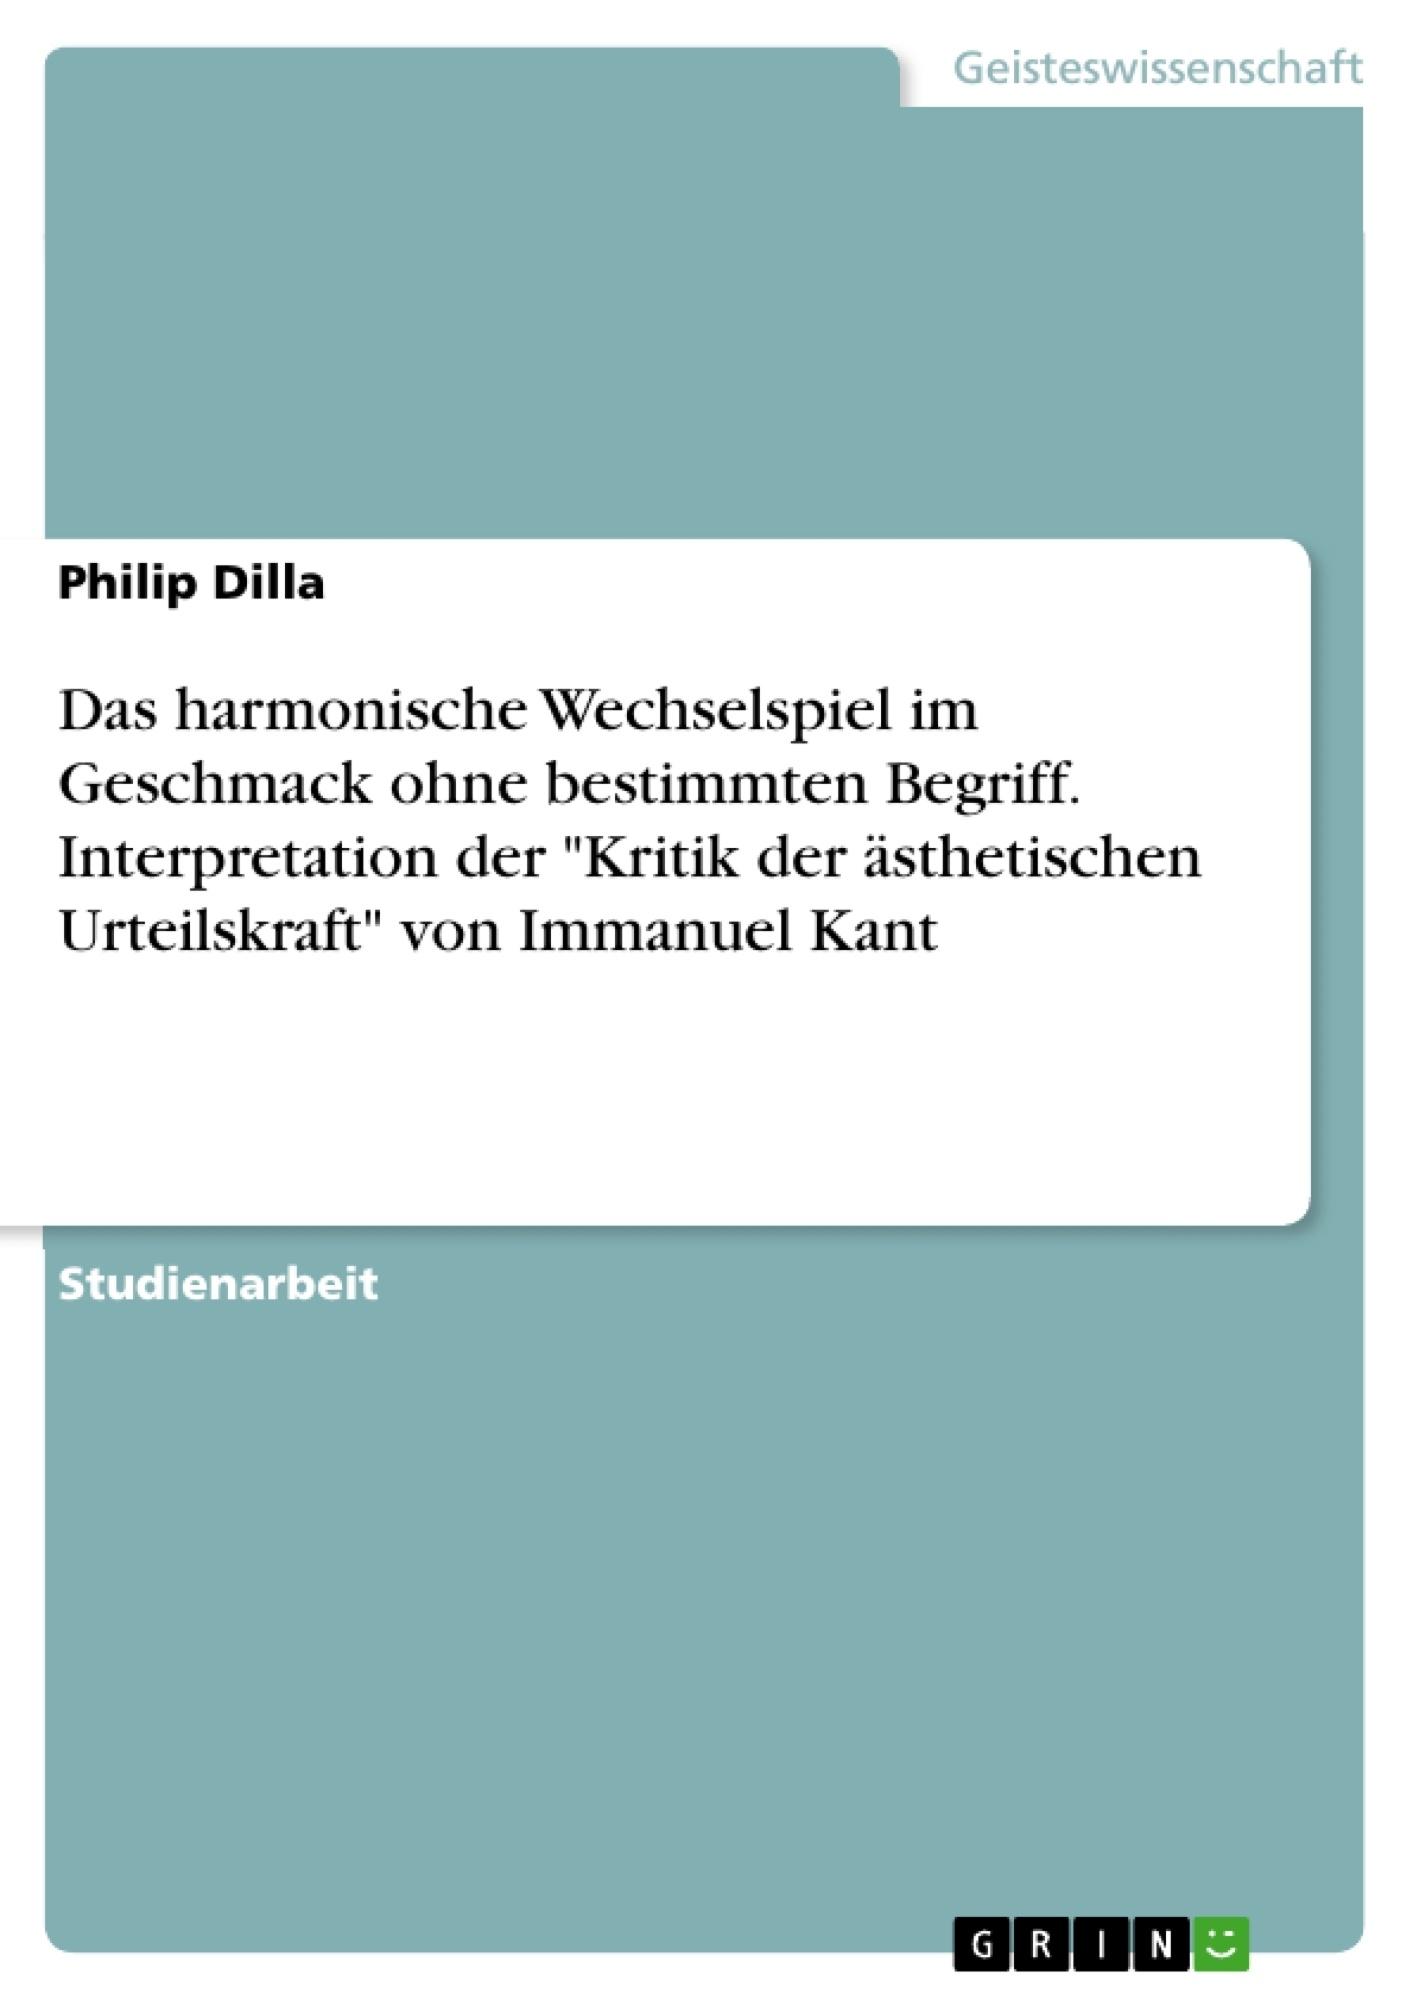 """Titel: Das harmonische Wechselspiel im Geschmack ohne bestimmten Begriff. Interpretation der """"Kritik der ästhetischen Urteilskraft"""" von Immanuel Kant"""